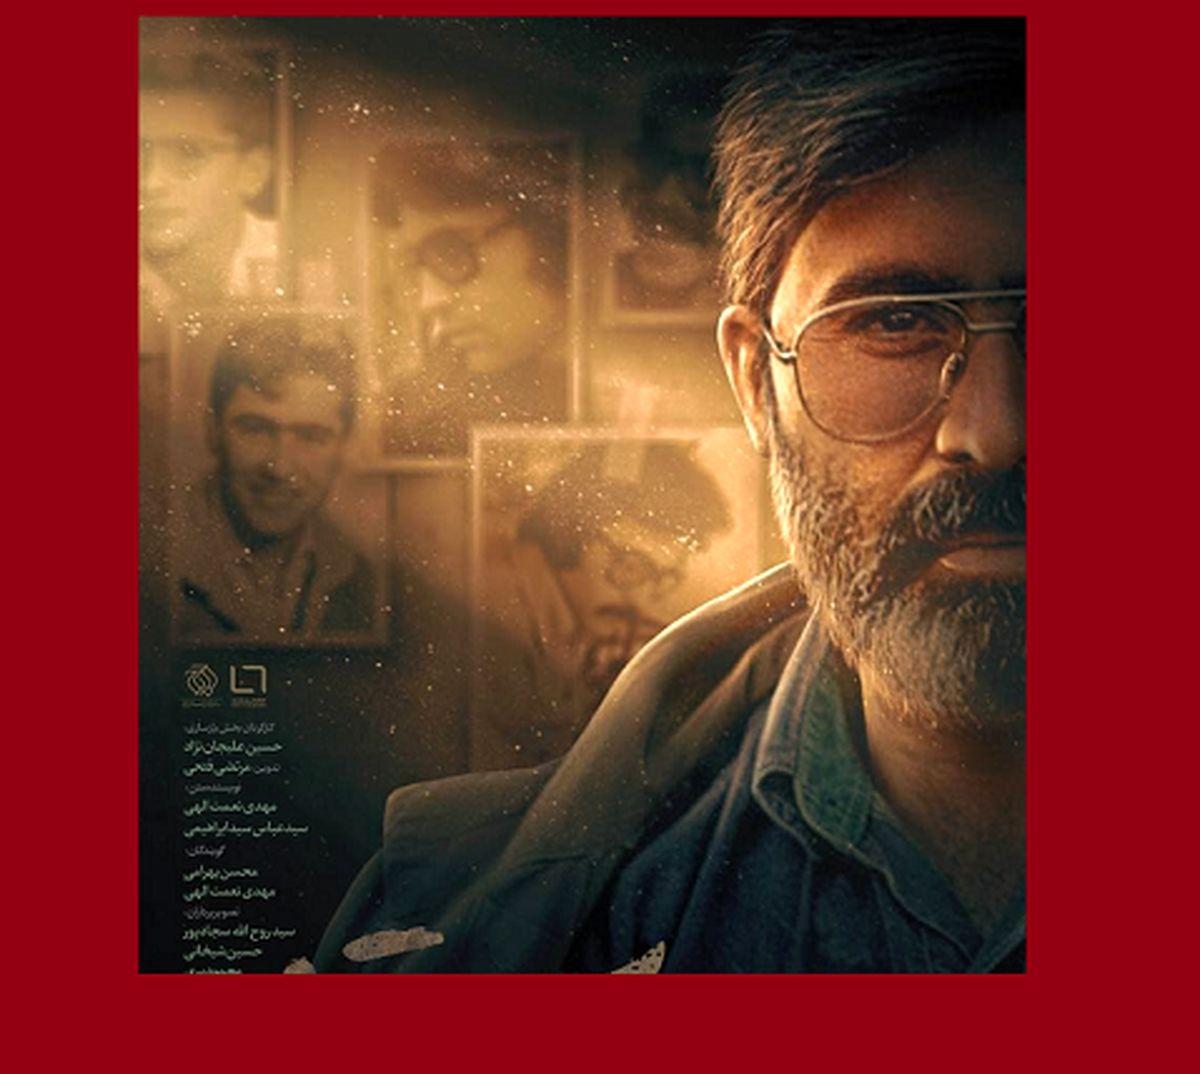 مستند «آقا مرتضی» از فردا روی آنتن شبکه سه میرود